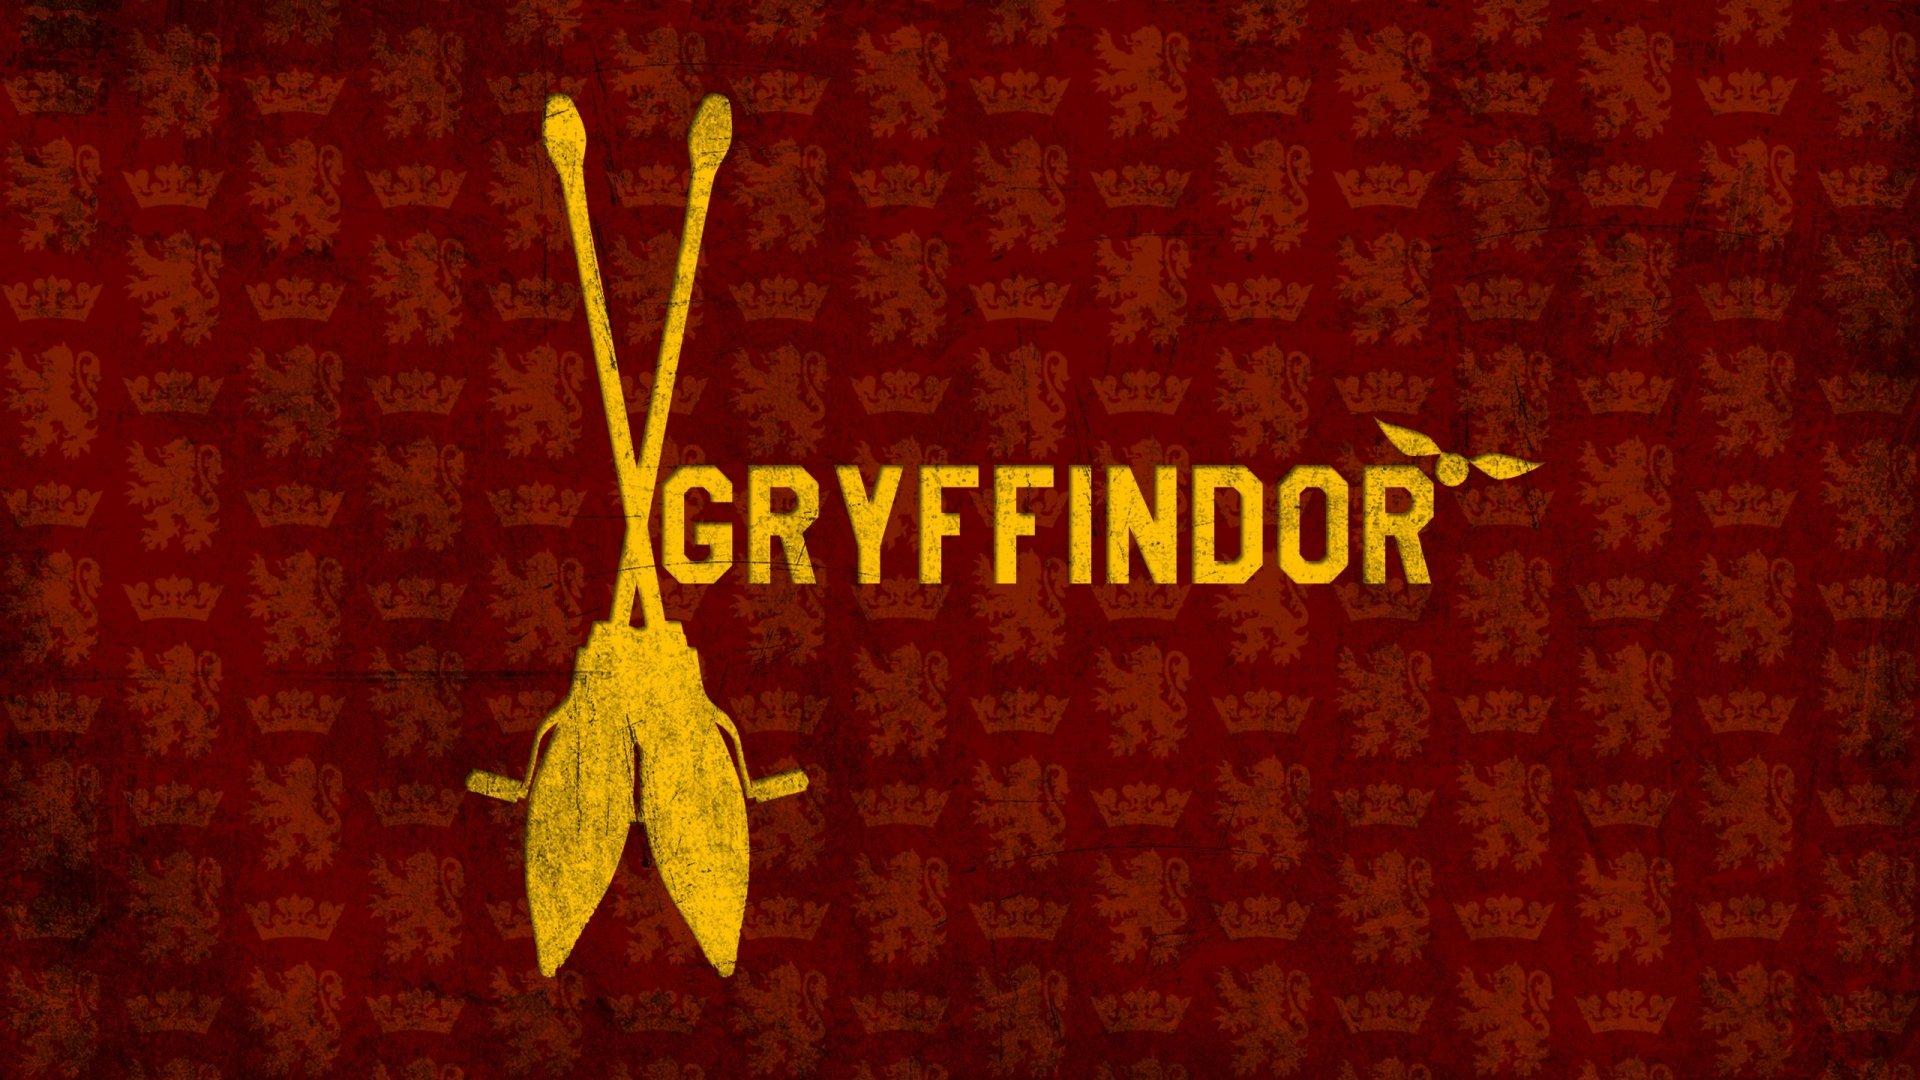 Wonderful Wallpaper Harry Potter Galaxy - thumb-1920-556509  HD_901051.jpg